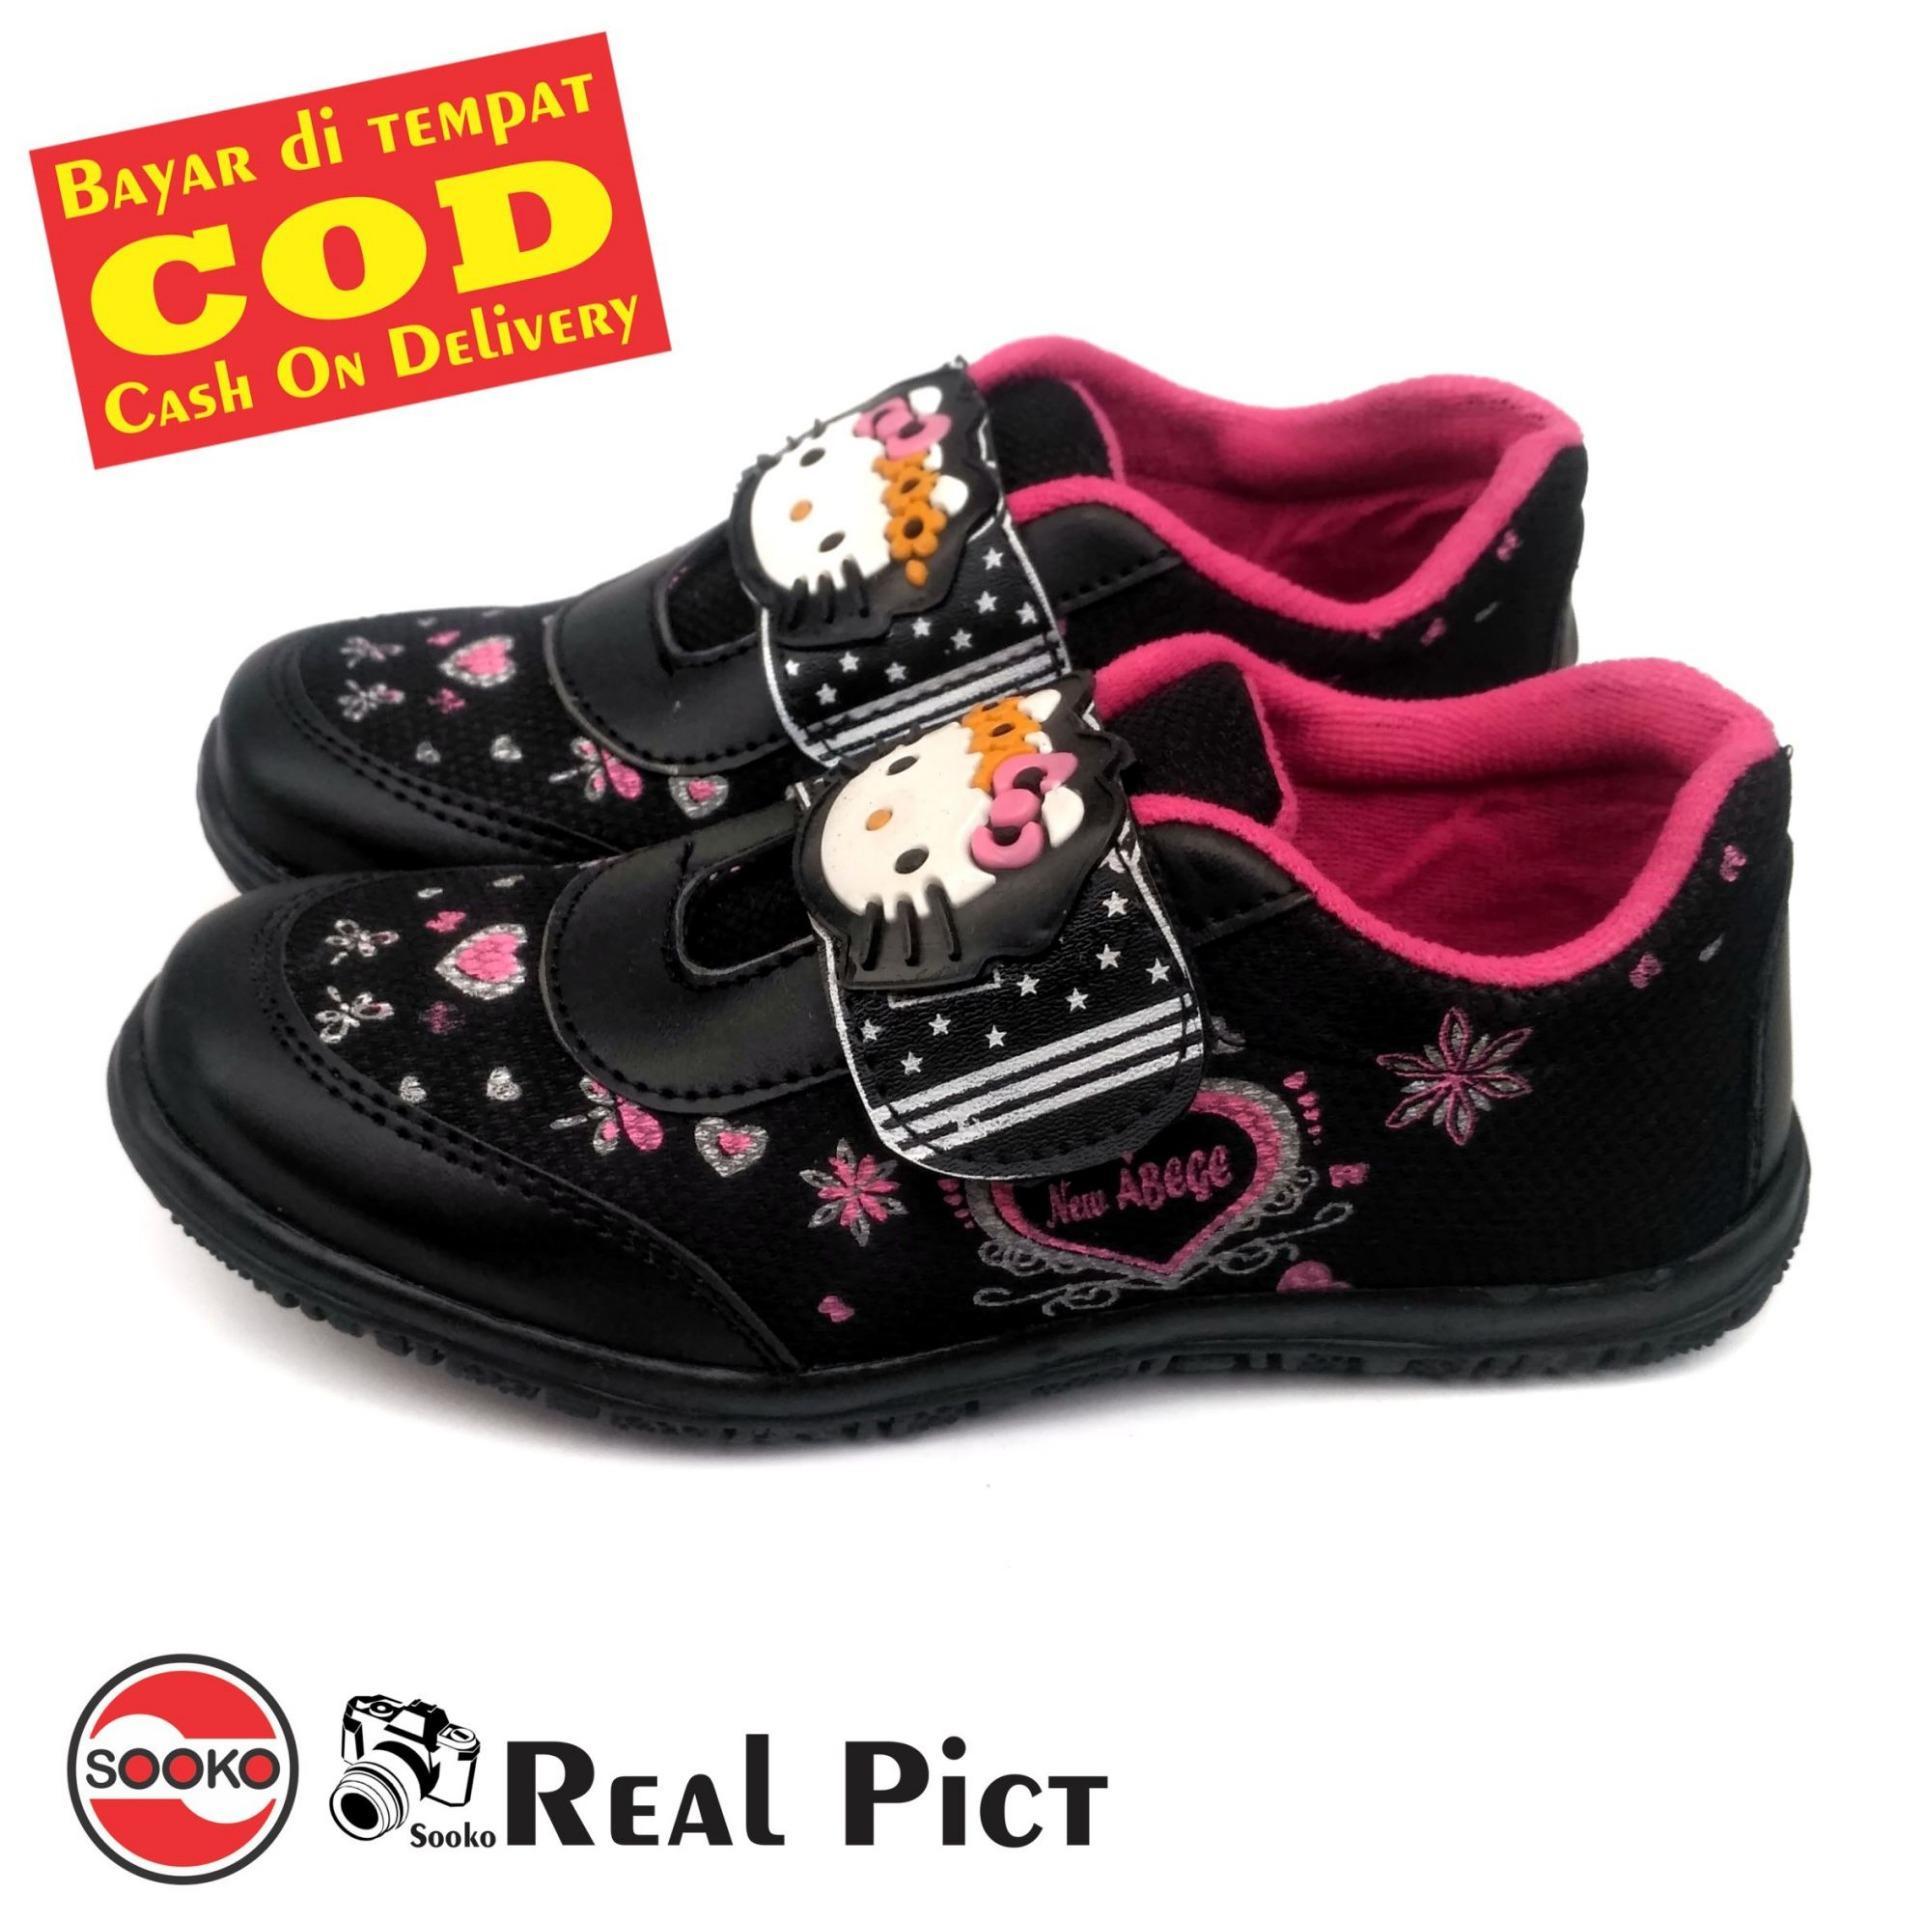 Sooko - Sepatu anak   Sepatu sekolah anak SD Hello Kitty Sepatu Anak  Perempuan Hitam 19fe110846